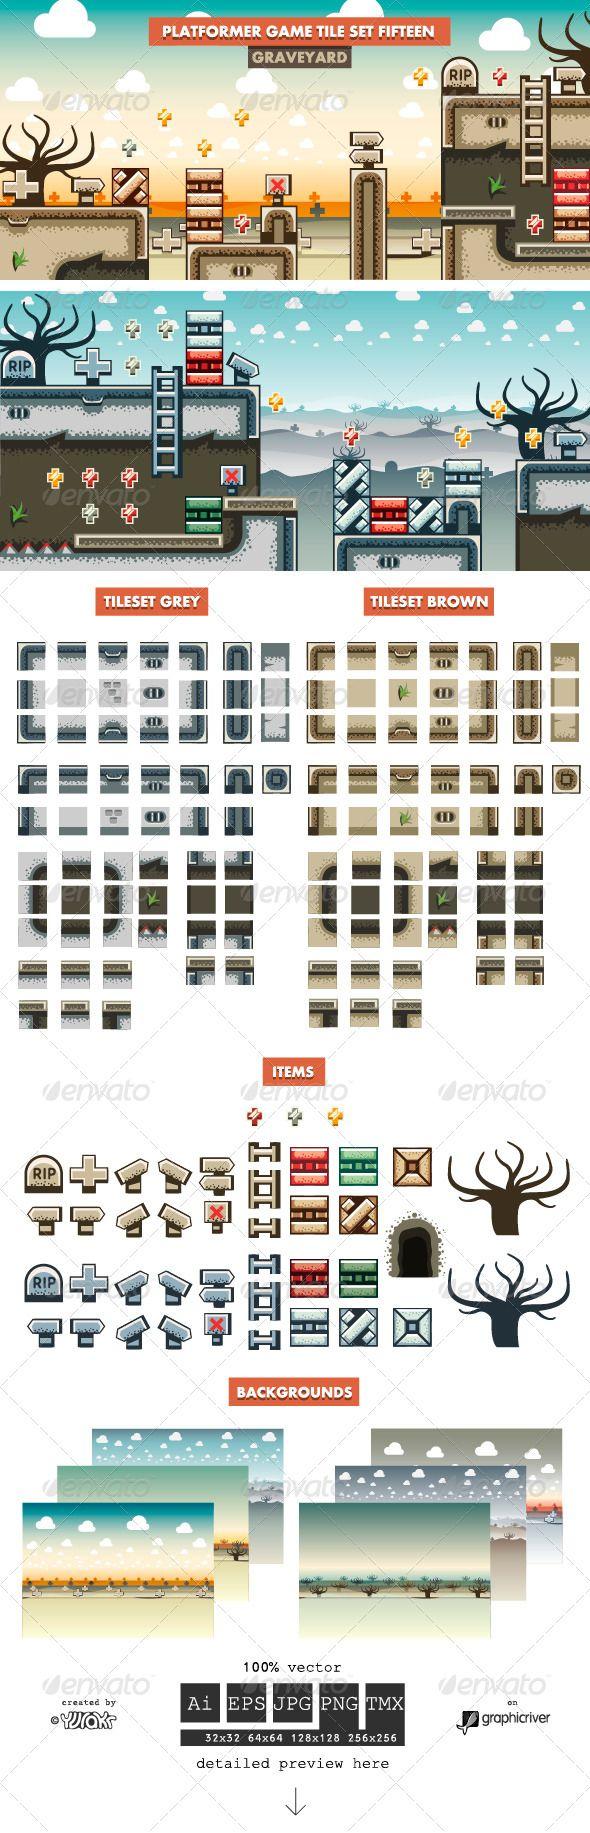 Platformer Game Tile Set Fifteen